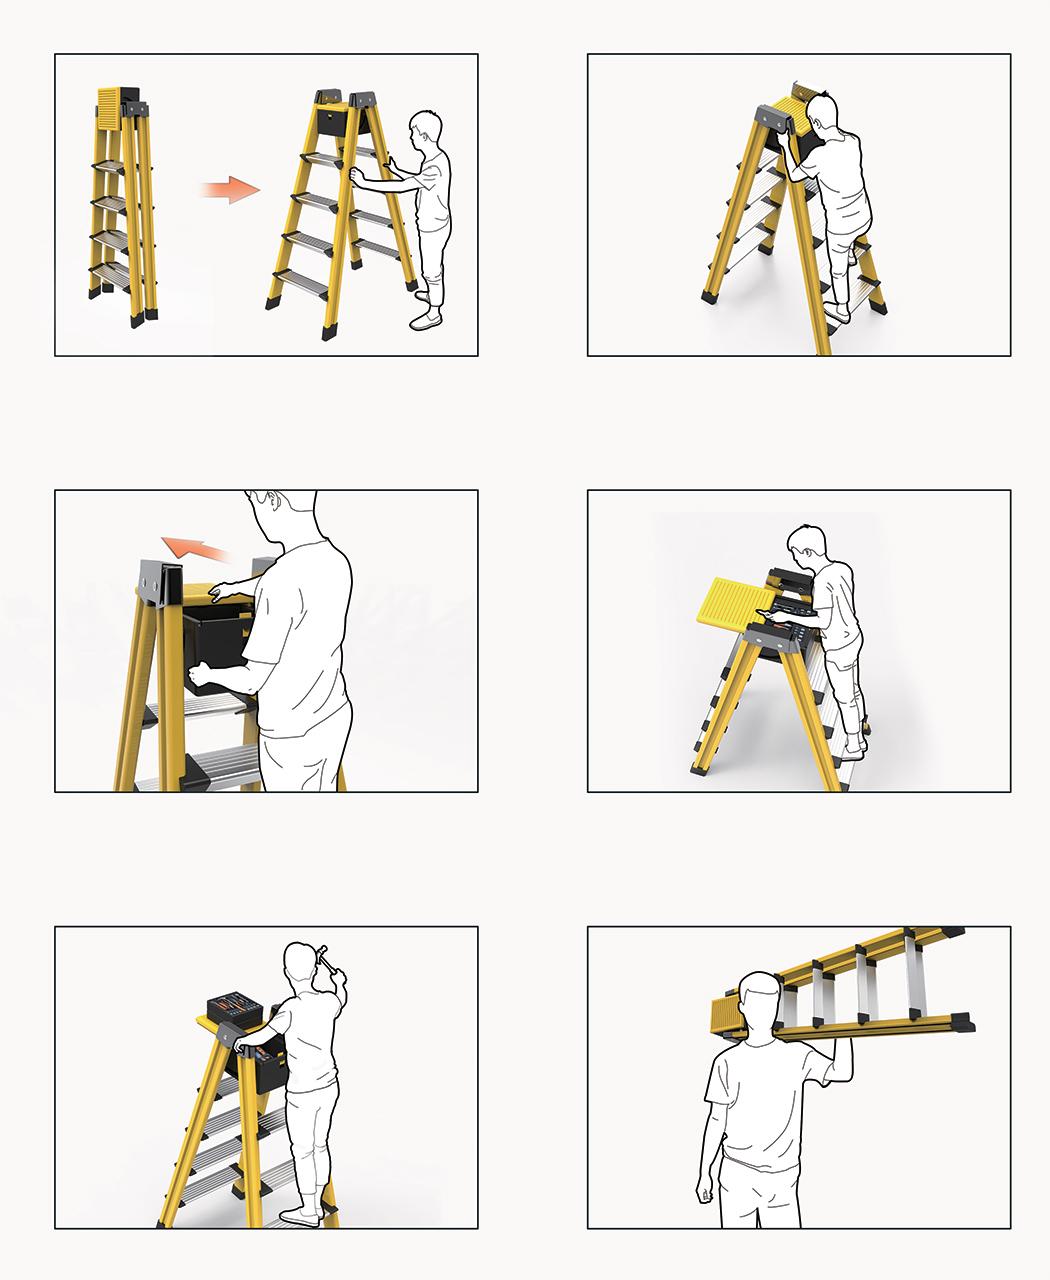 创意梯子设计自带工具箱